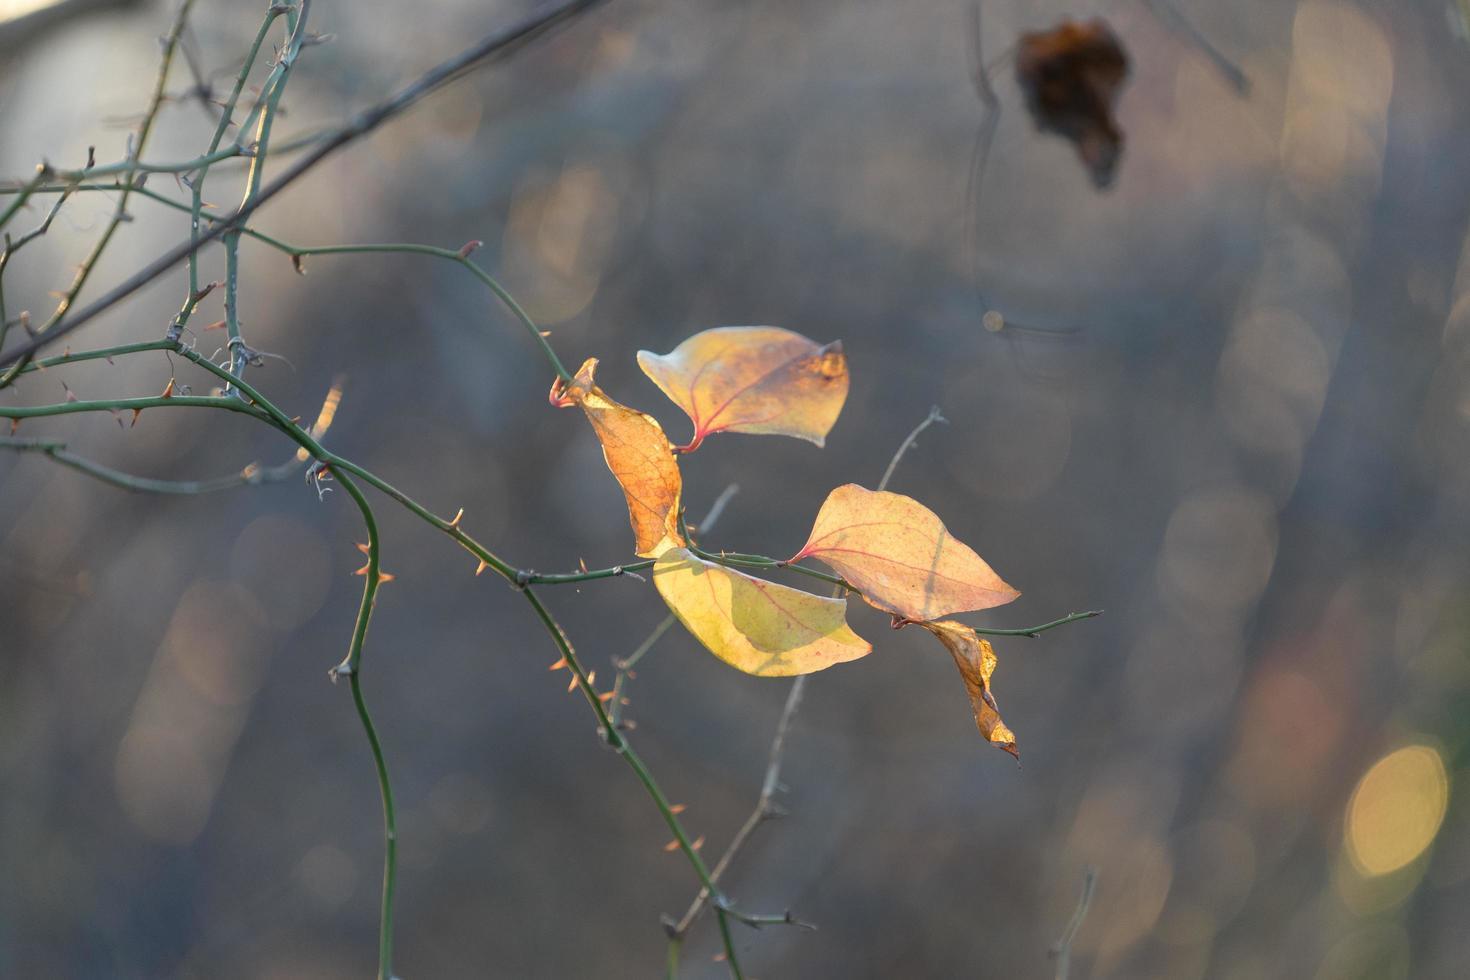 astratto sfondo sfocato con un ramo e una foglia in una luce sagomata. foto